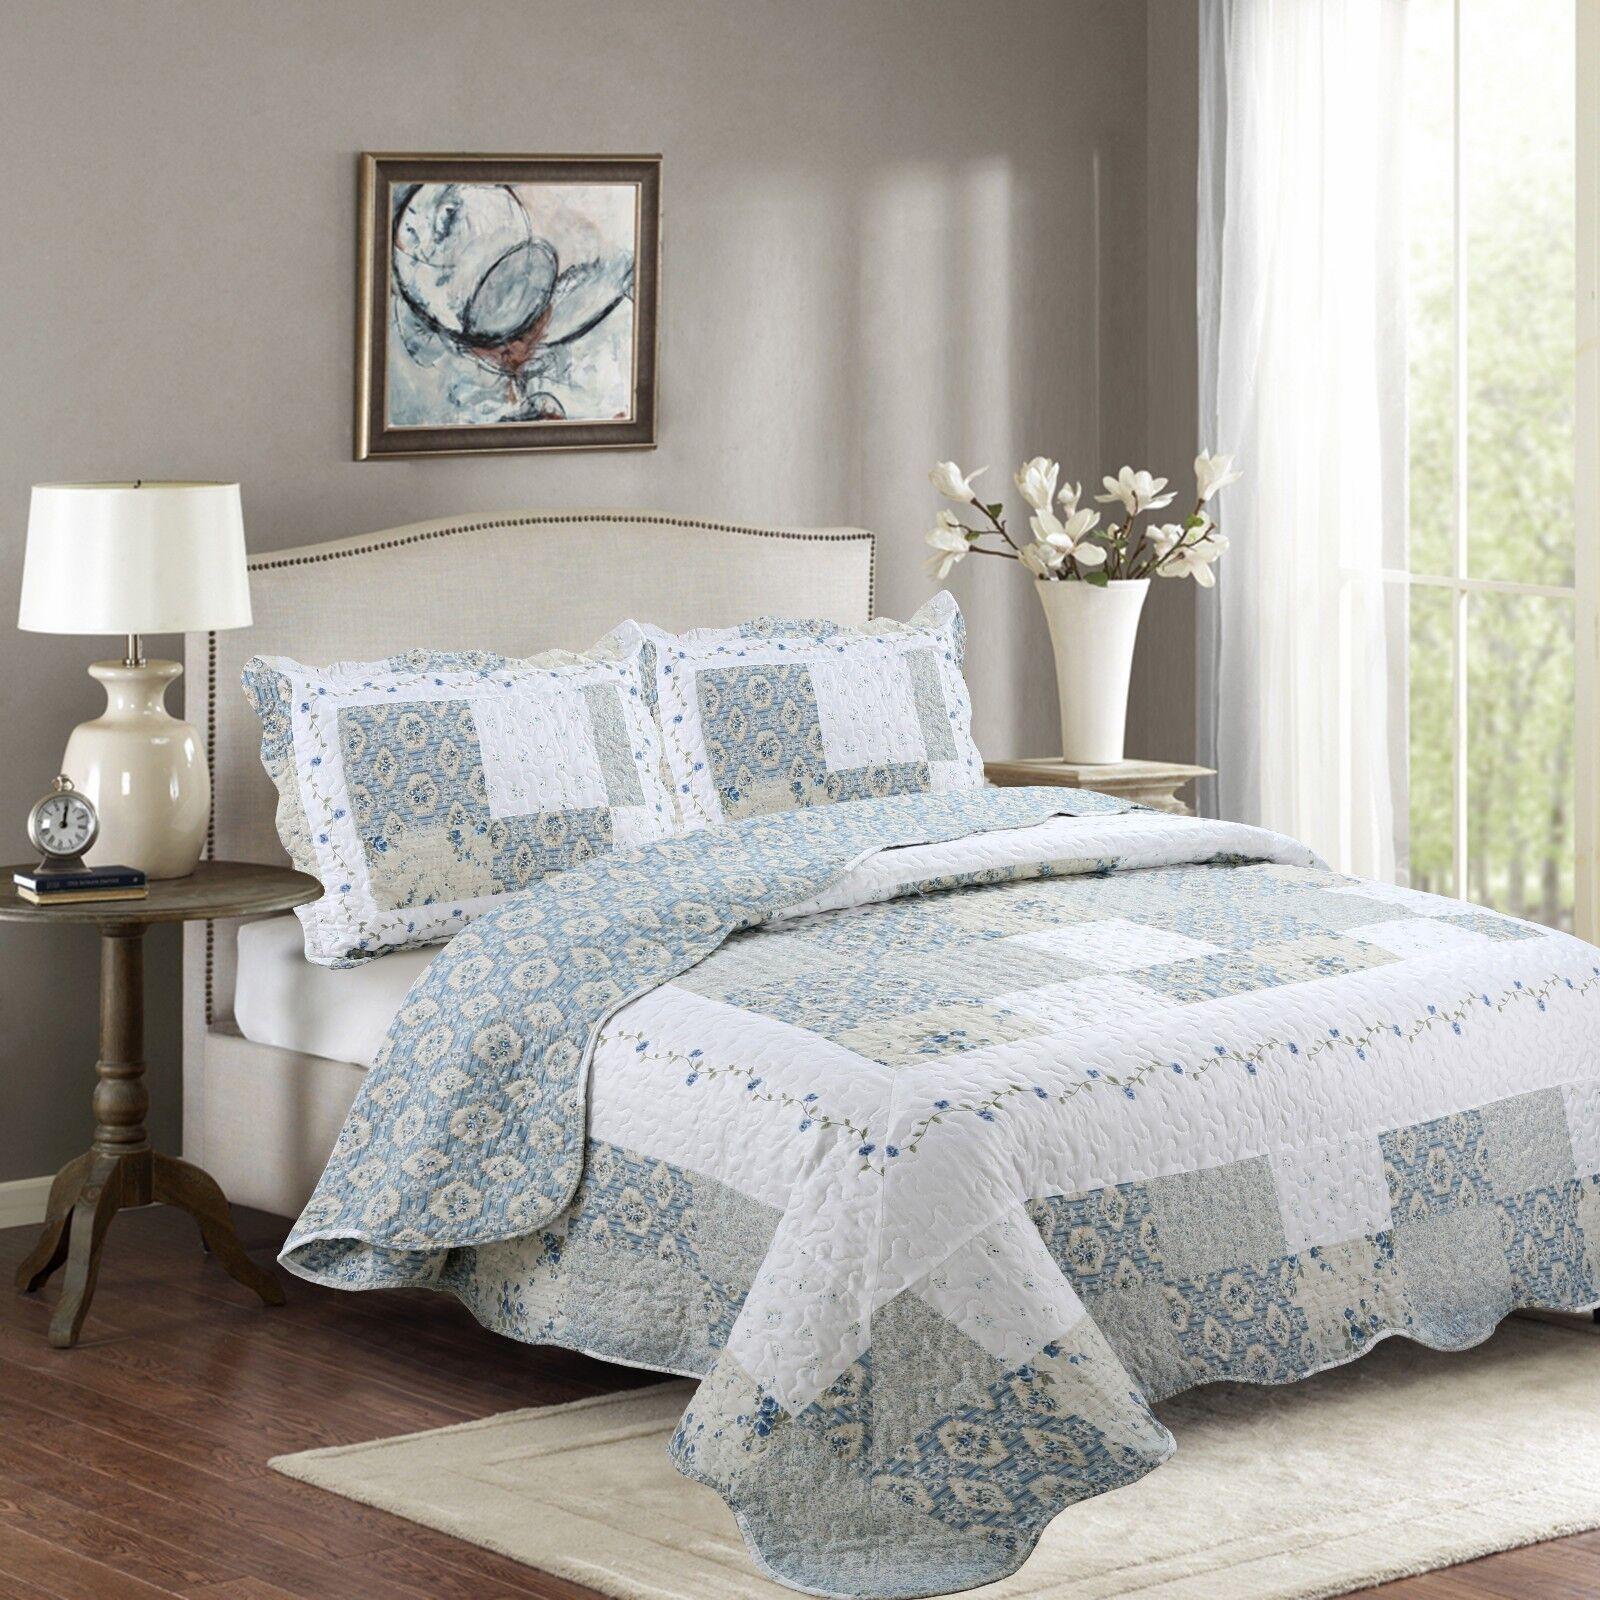 Fancy Linen Reversible Bedspread Floral Weiß Blau Beige All Größes New